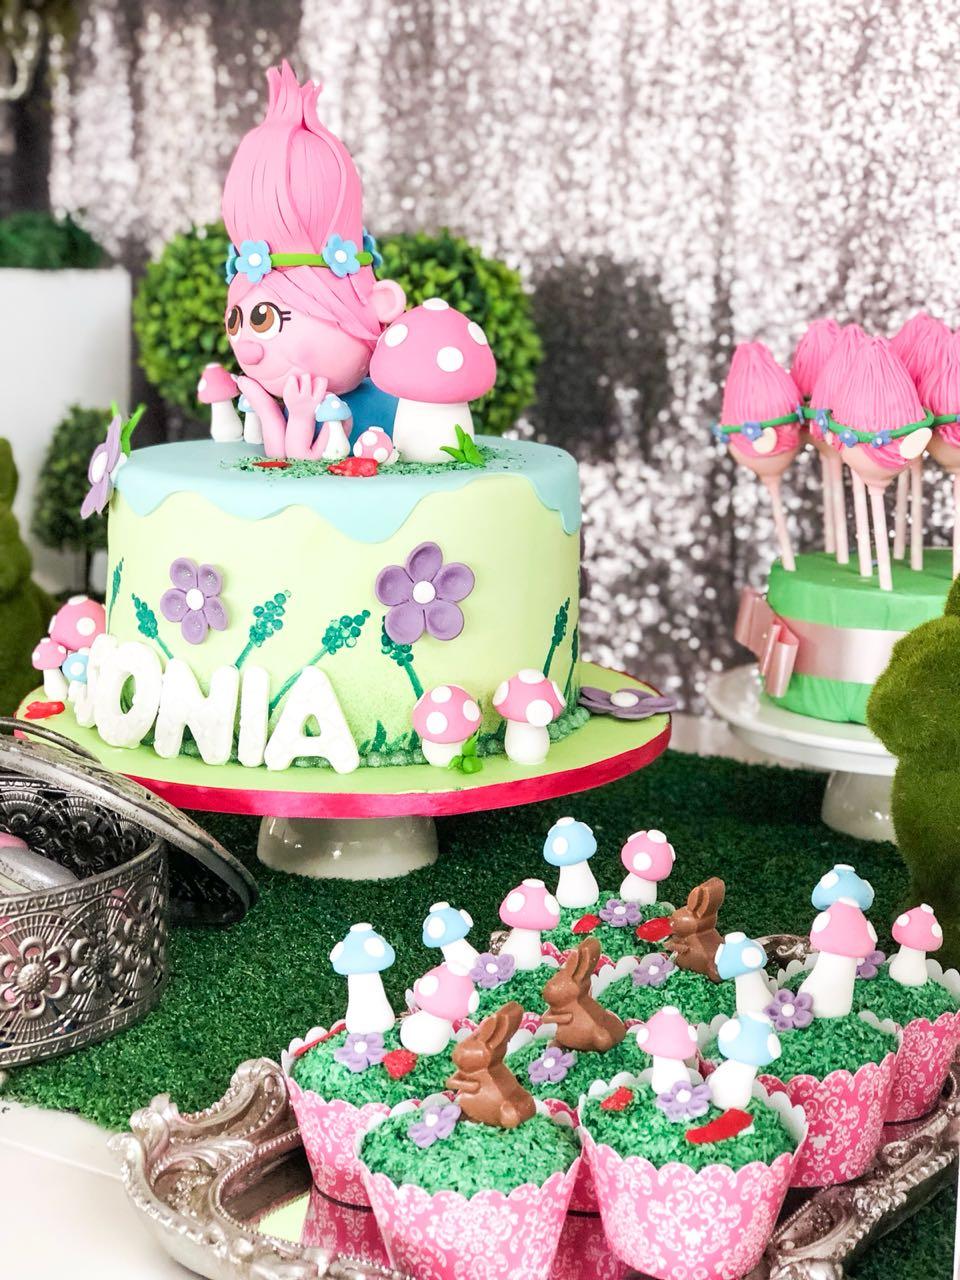 Trolls Cake, Poppy cake